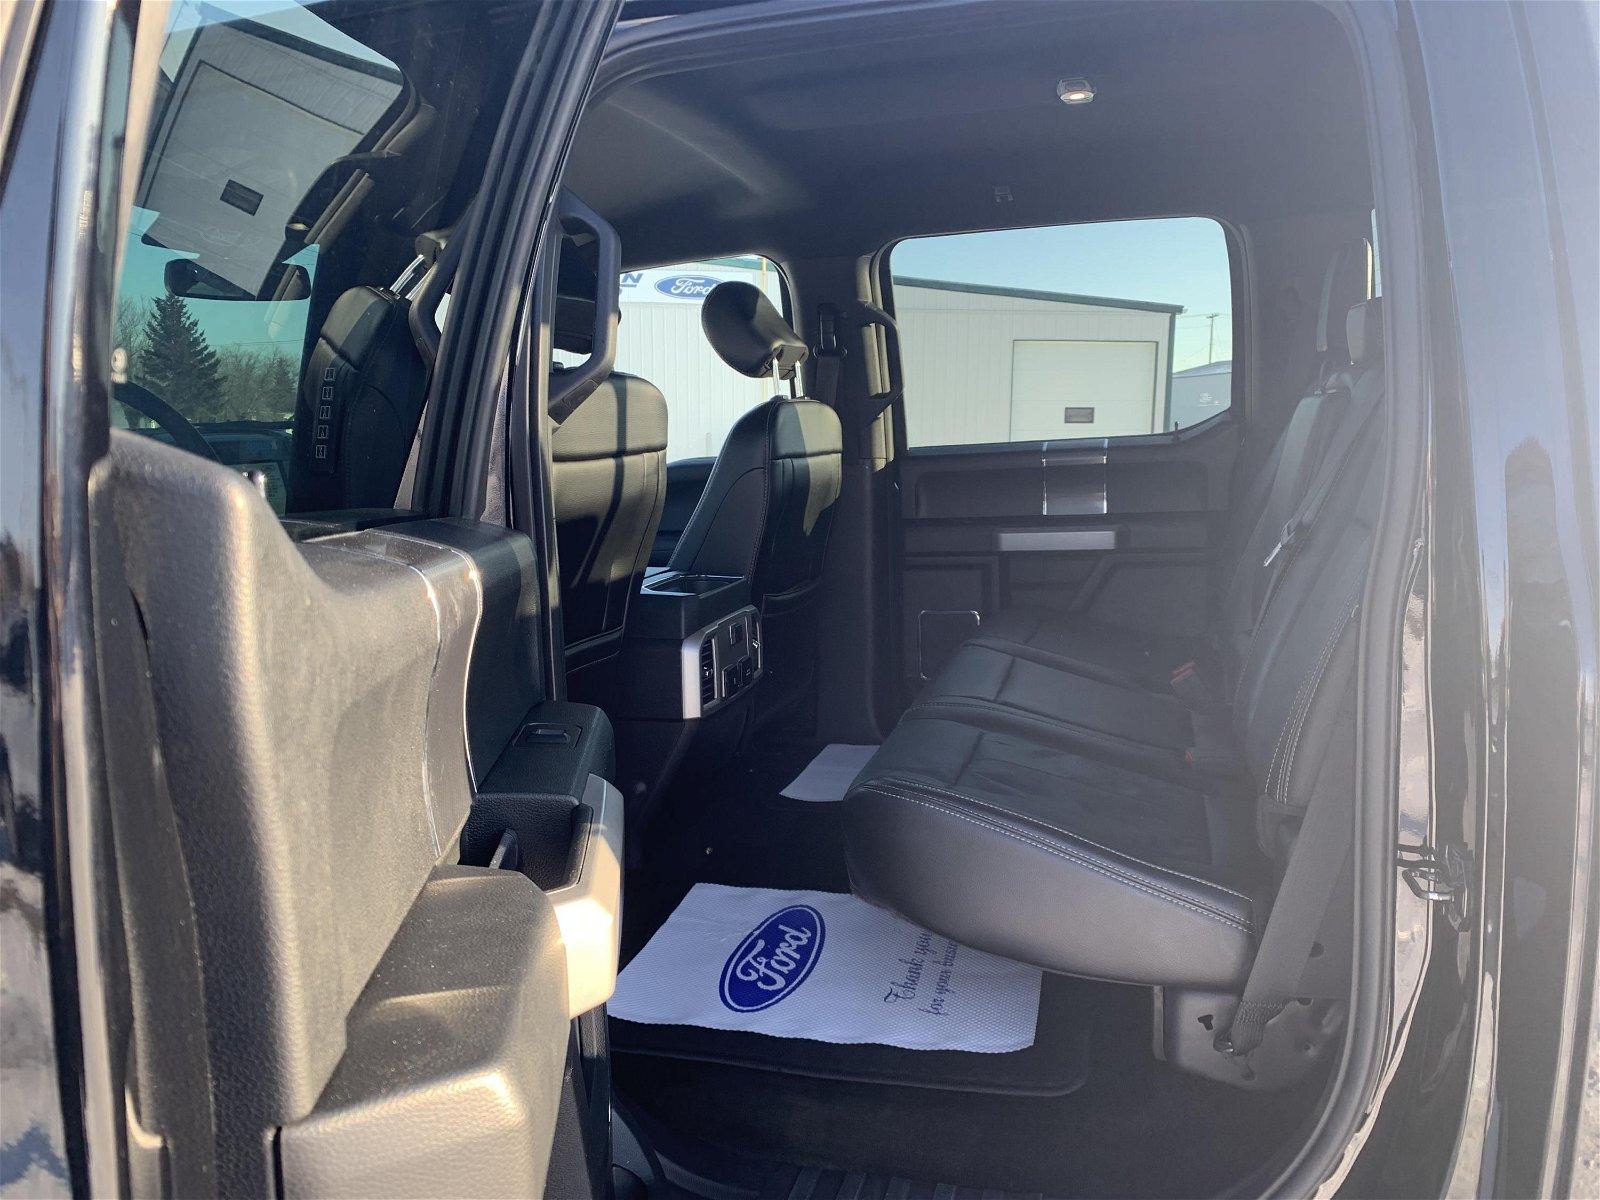 2018 Ford F-150 LARIAT Sport 4x4 3.5 ECO BOOST